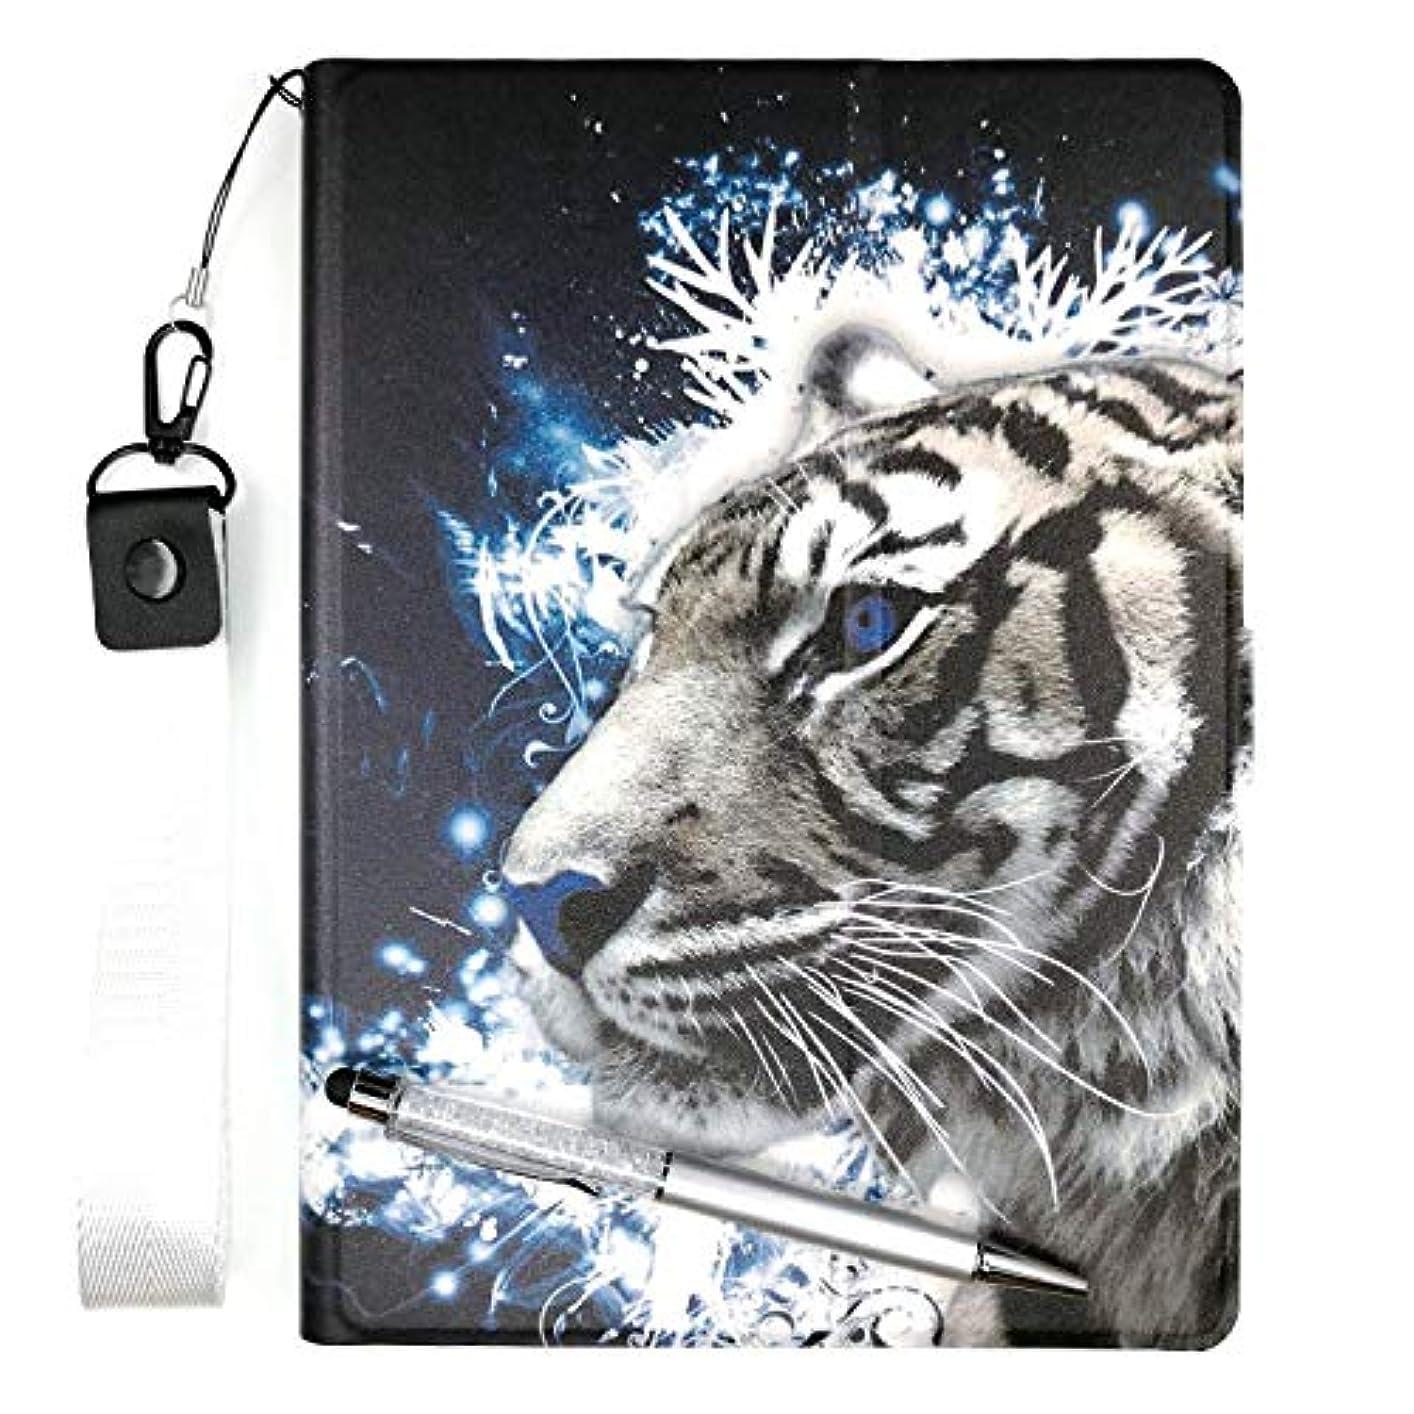 白鳥洗うフェンスLovewlb 高級PU 超薄型 最軽量 三つ折 タブレット保護 ケース Huawei Mediapad M3 Lite S 8.0 Cpn-L0j 702hw ケース LH